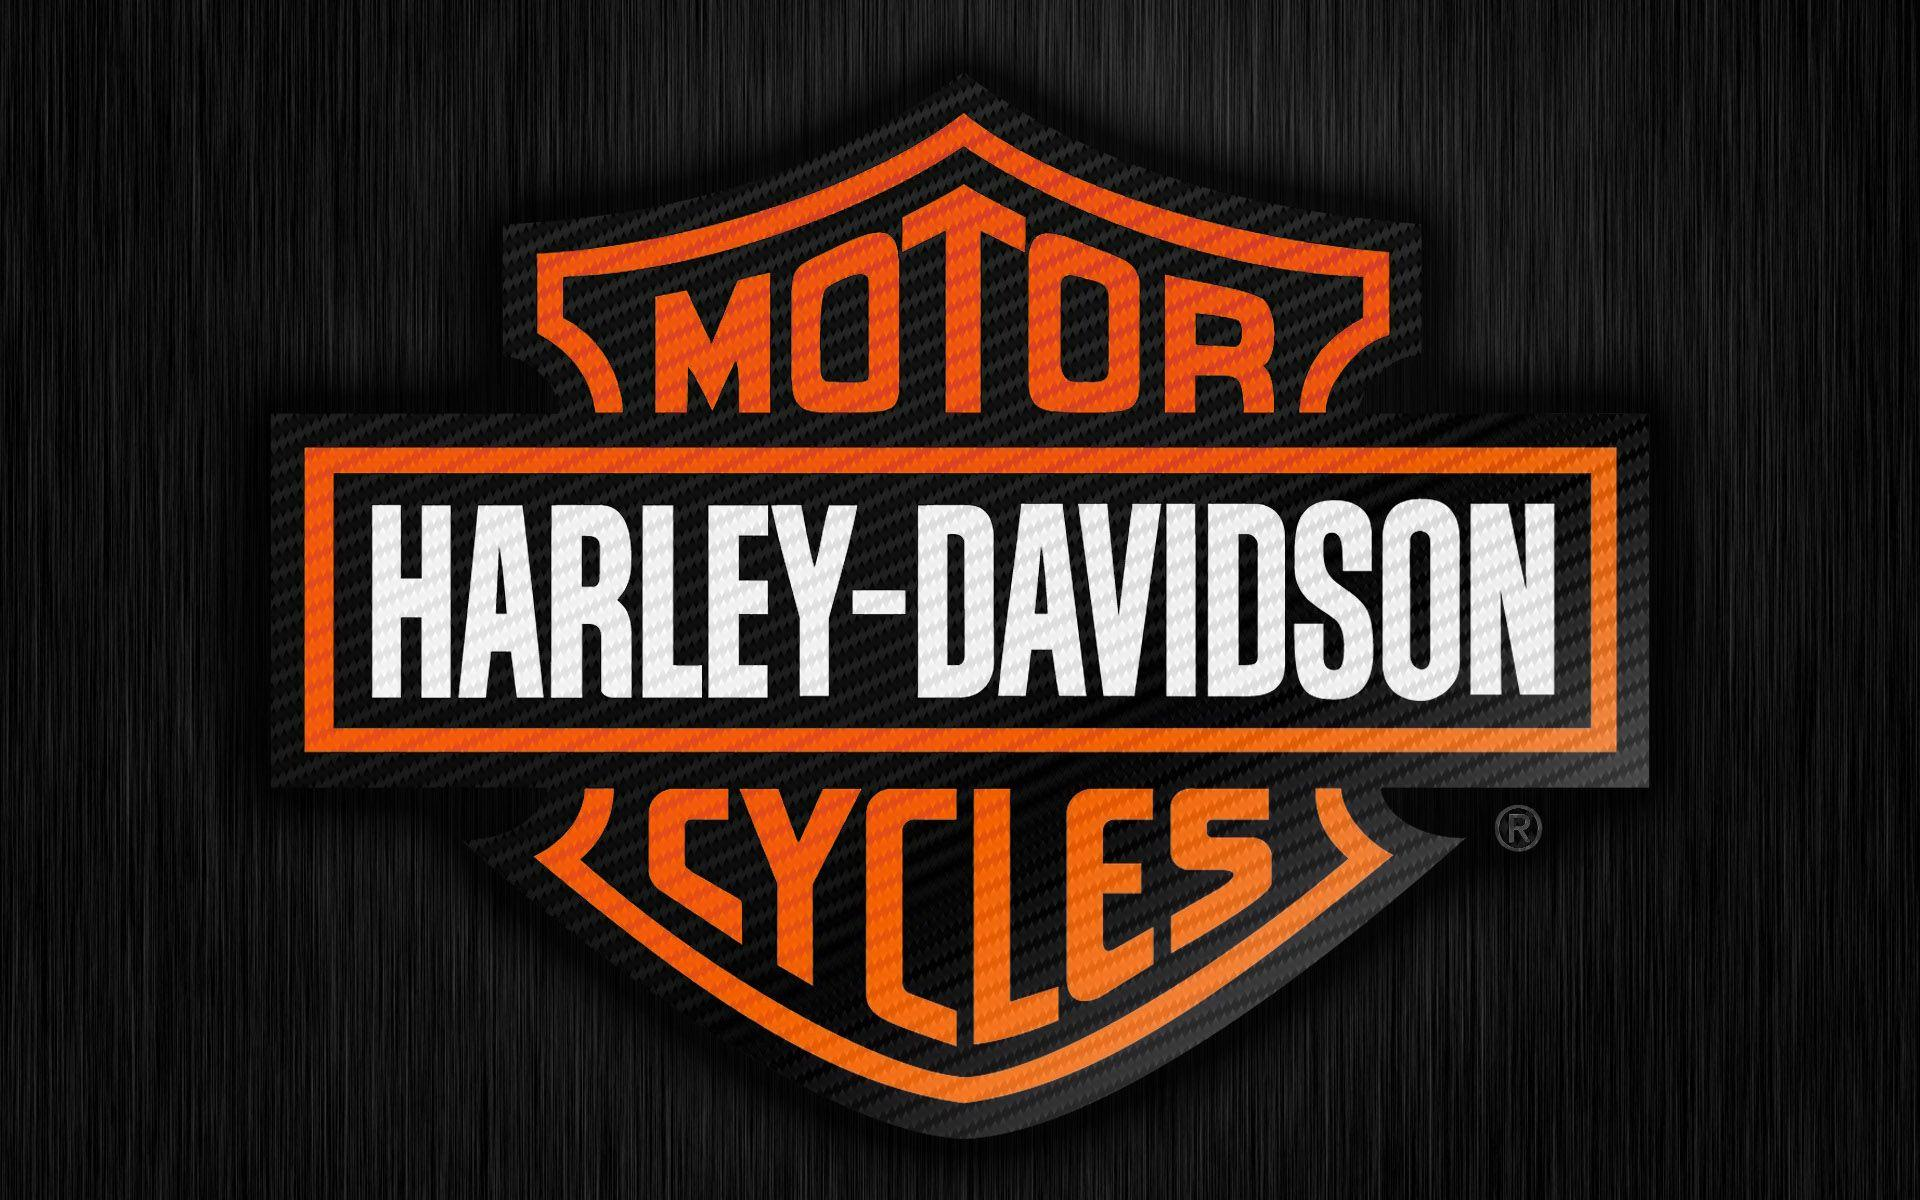 Harley Davidson Logo Wallpapers 1920x1200